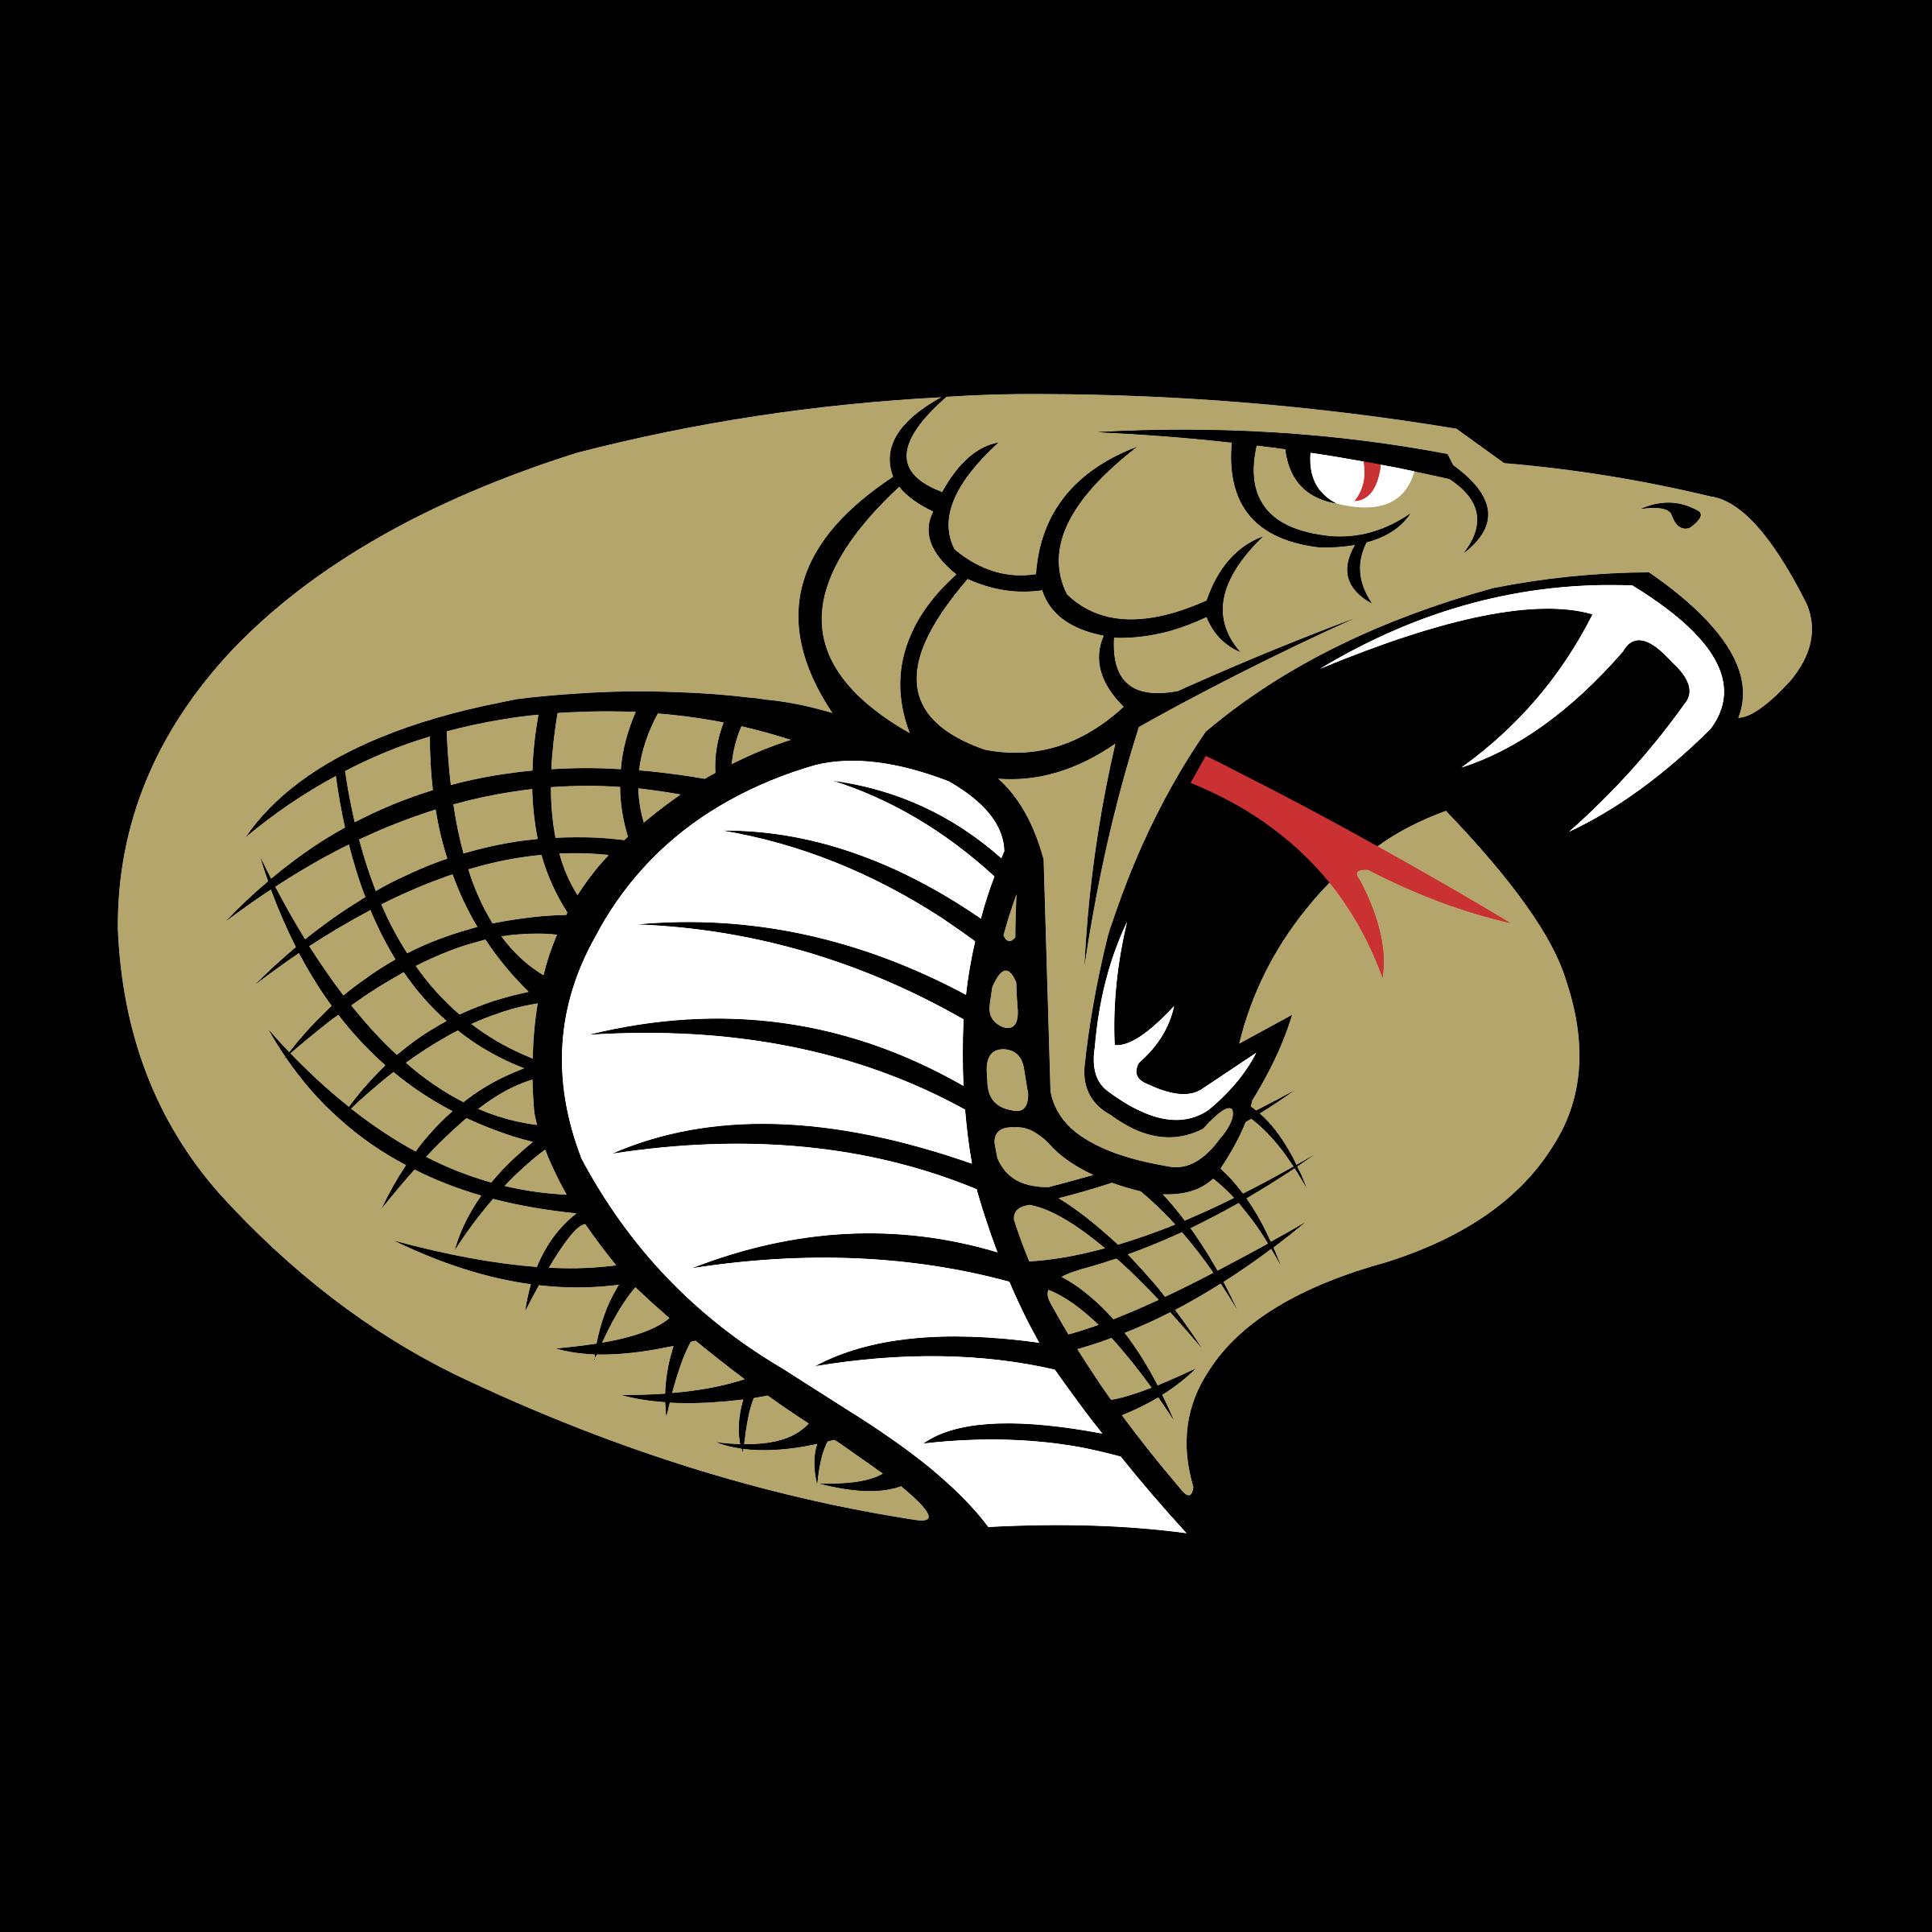 Carolina cobras logo png. Cobra clipart svg